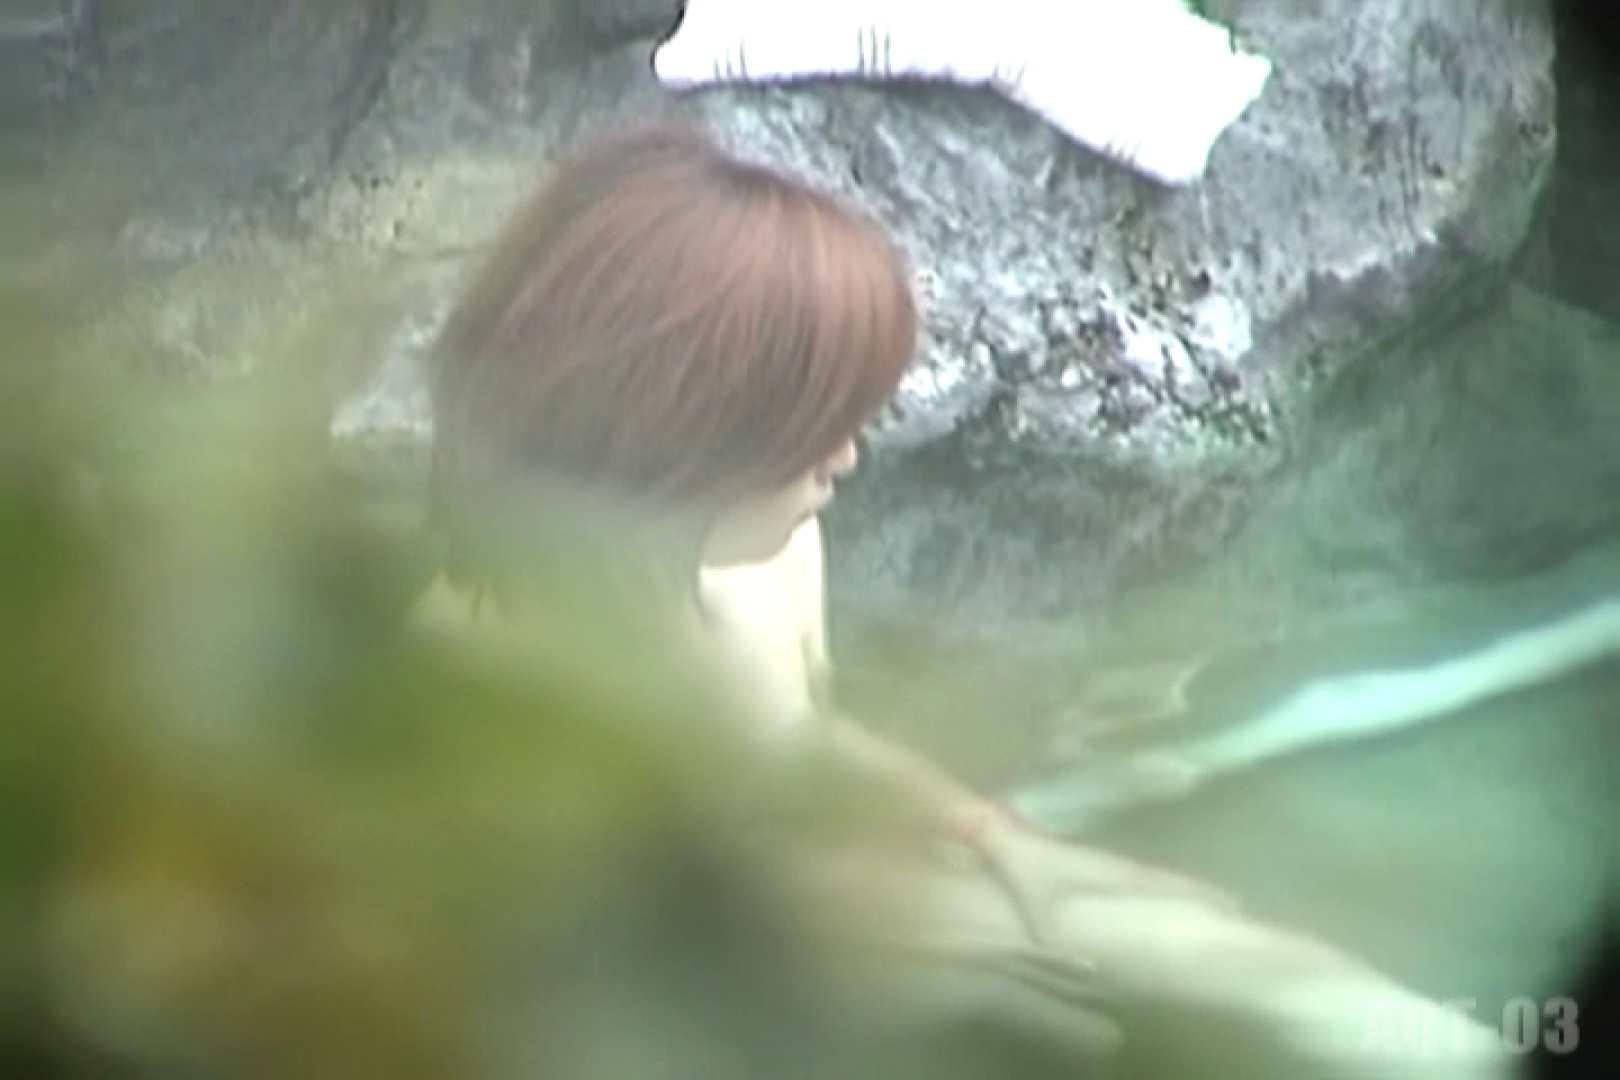 Aquaな露天風呂Vol.731 盗撮 | 露天  100枚 76